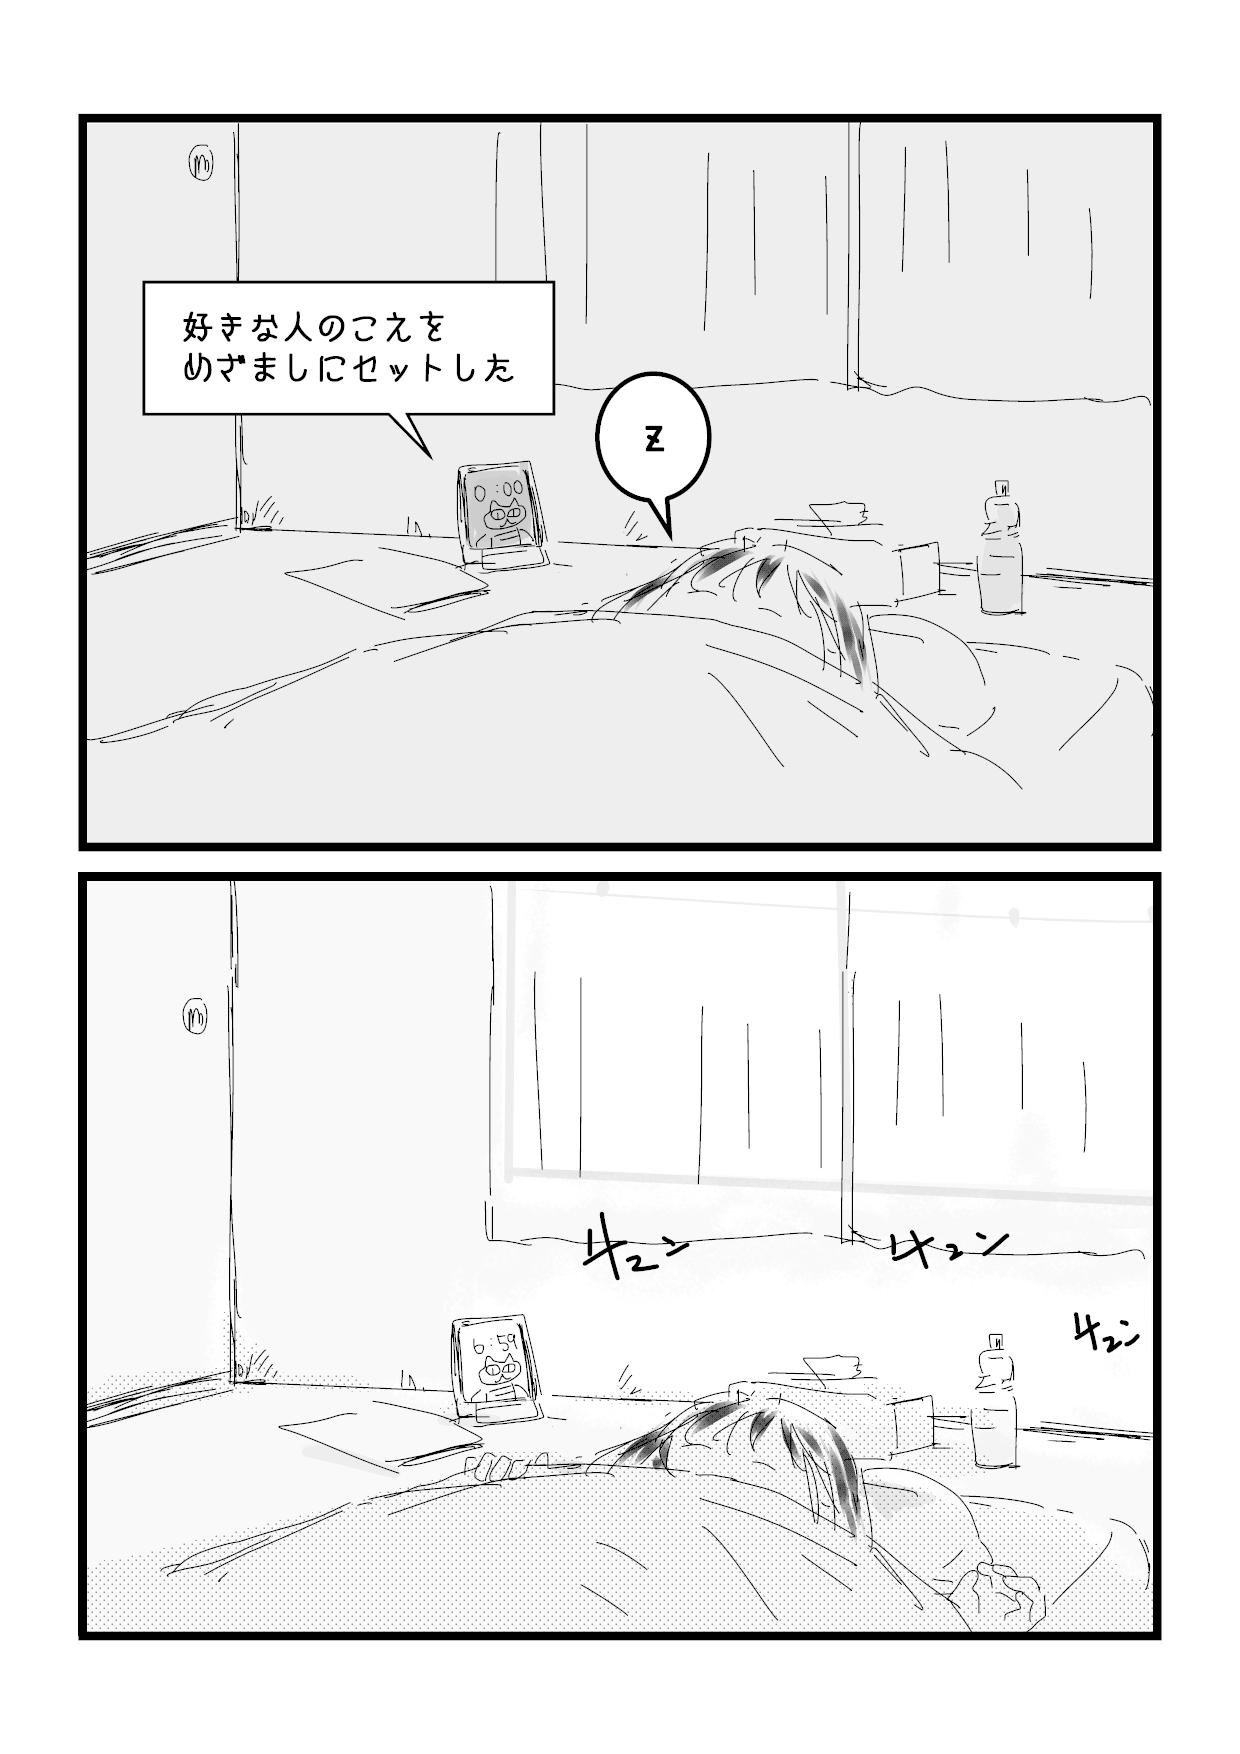 めざましイイ子だね_0031